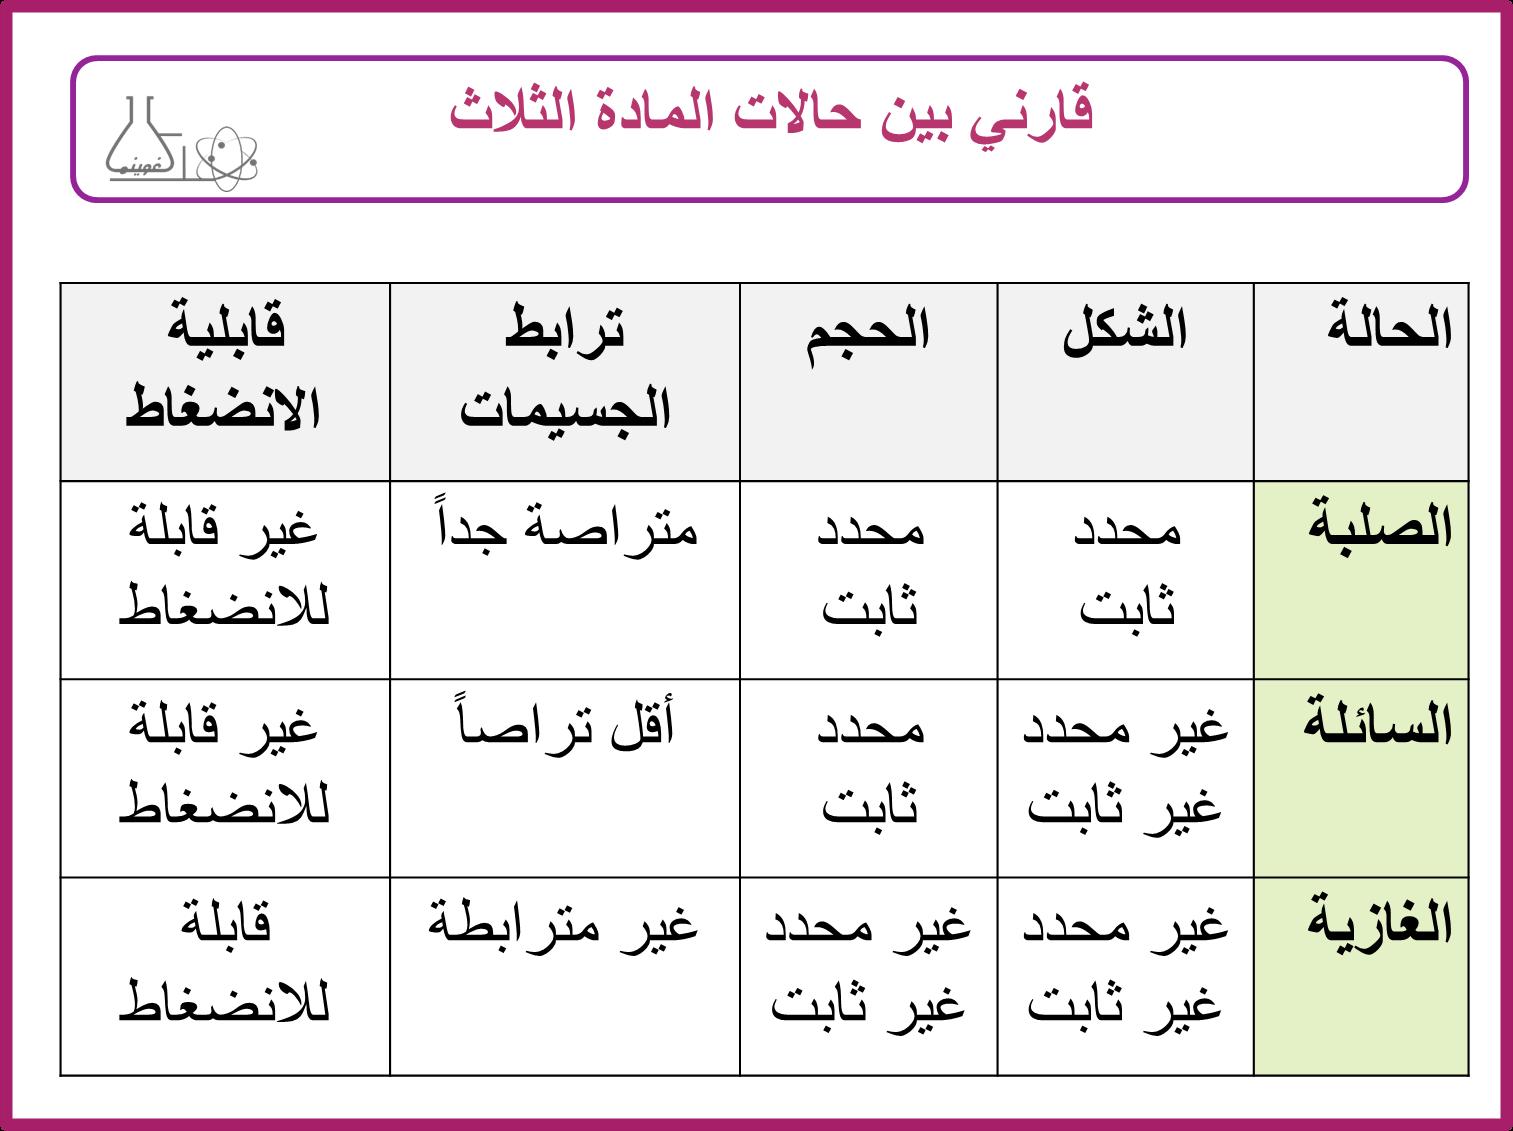 جدول مقارنة بين حالات المادة Shms Saudi Oer Network